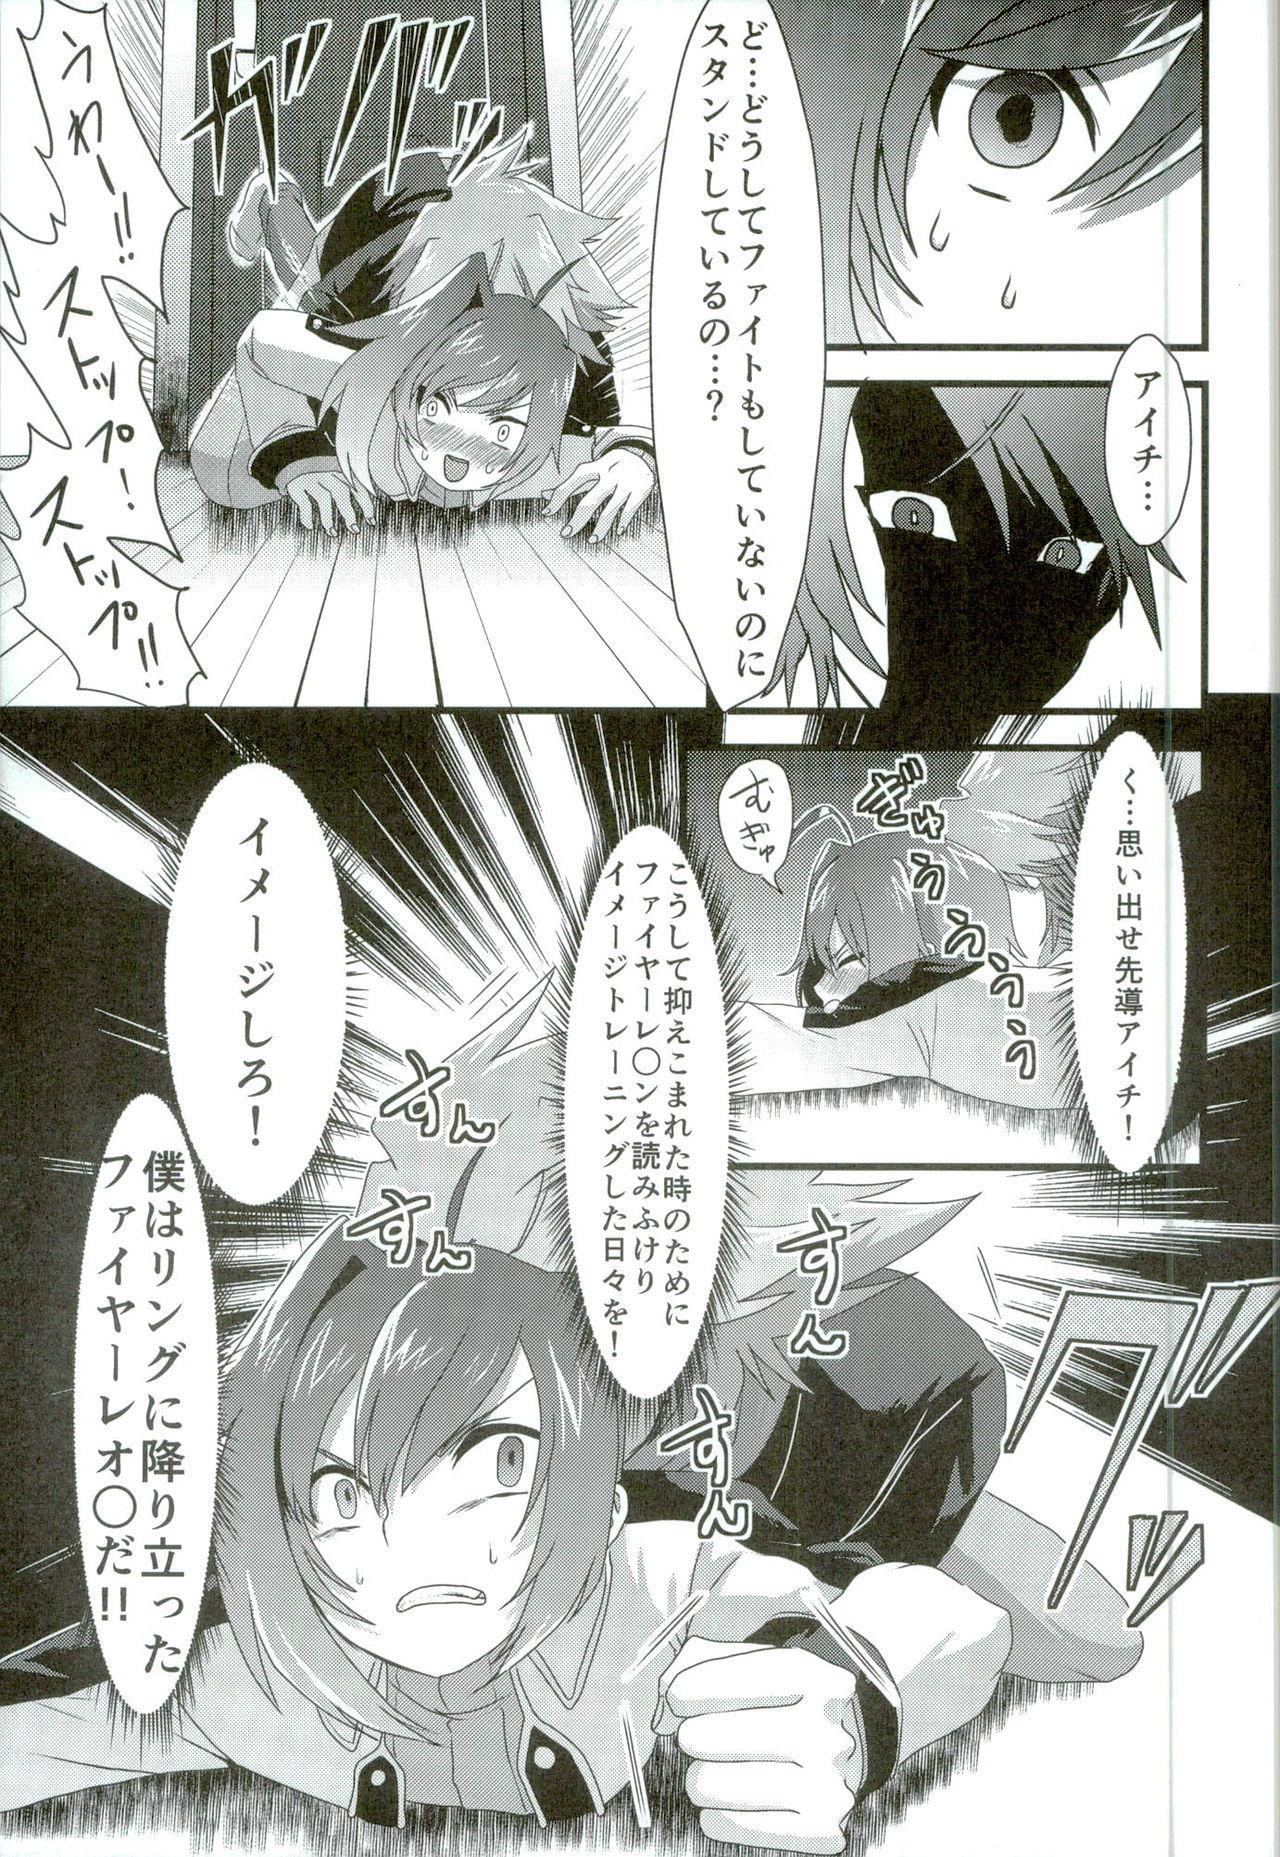 Kai-kun no Bunshin wa Fight de Shika Stand Shinai 34